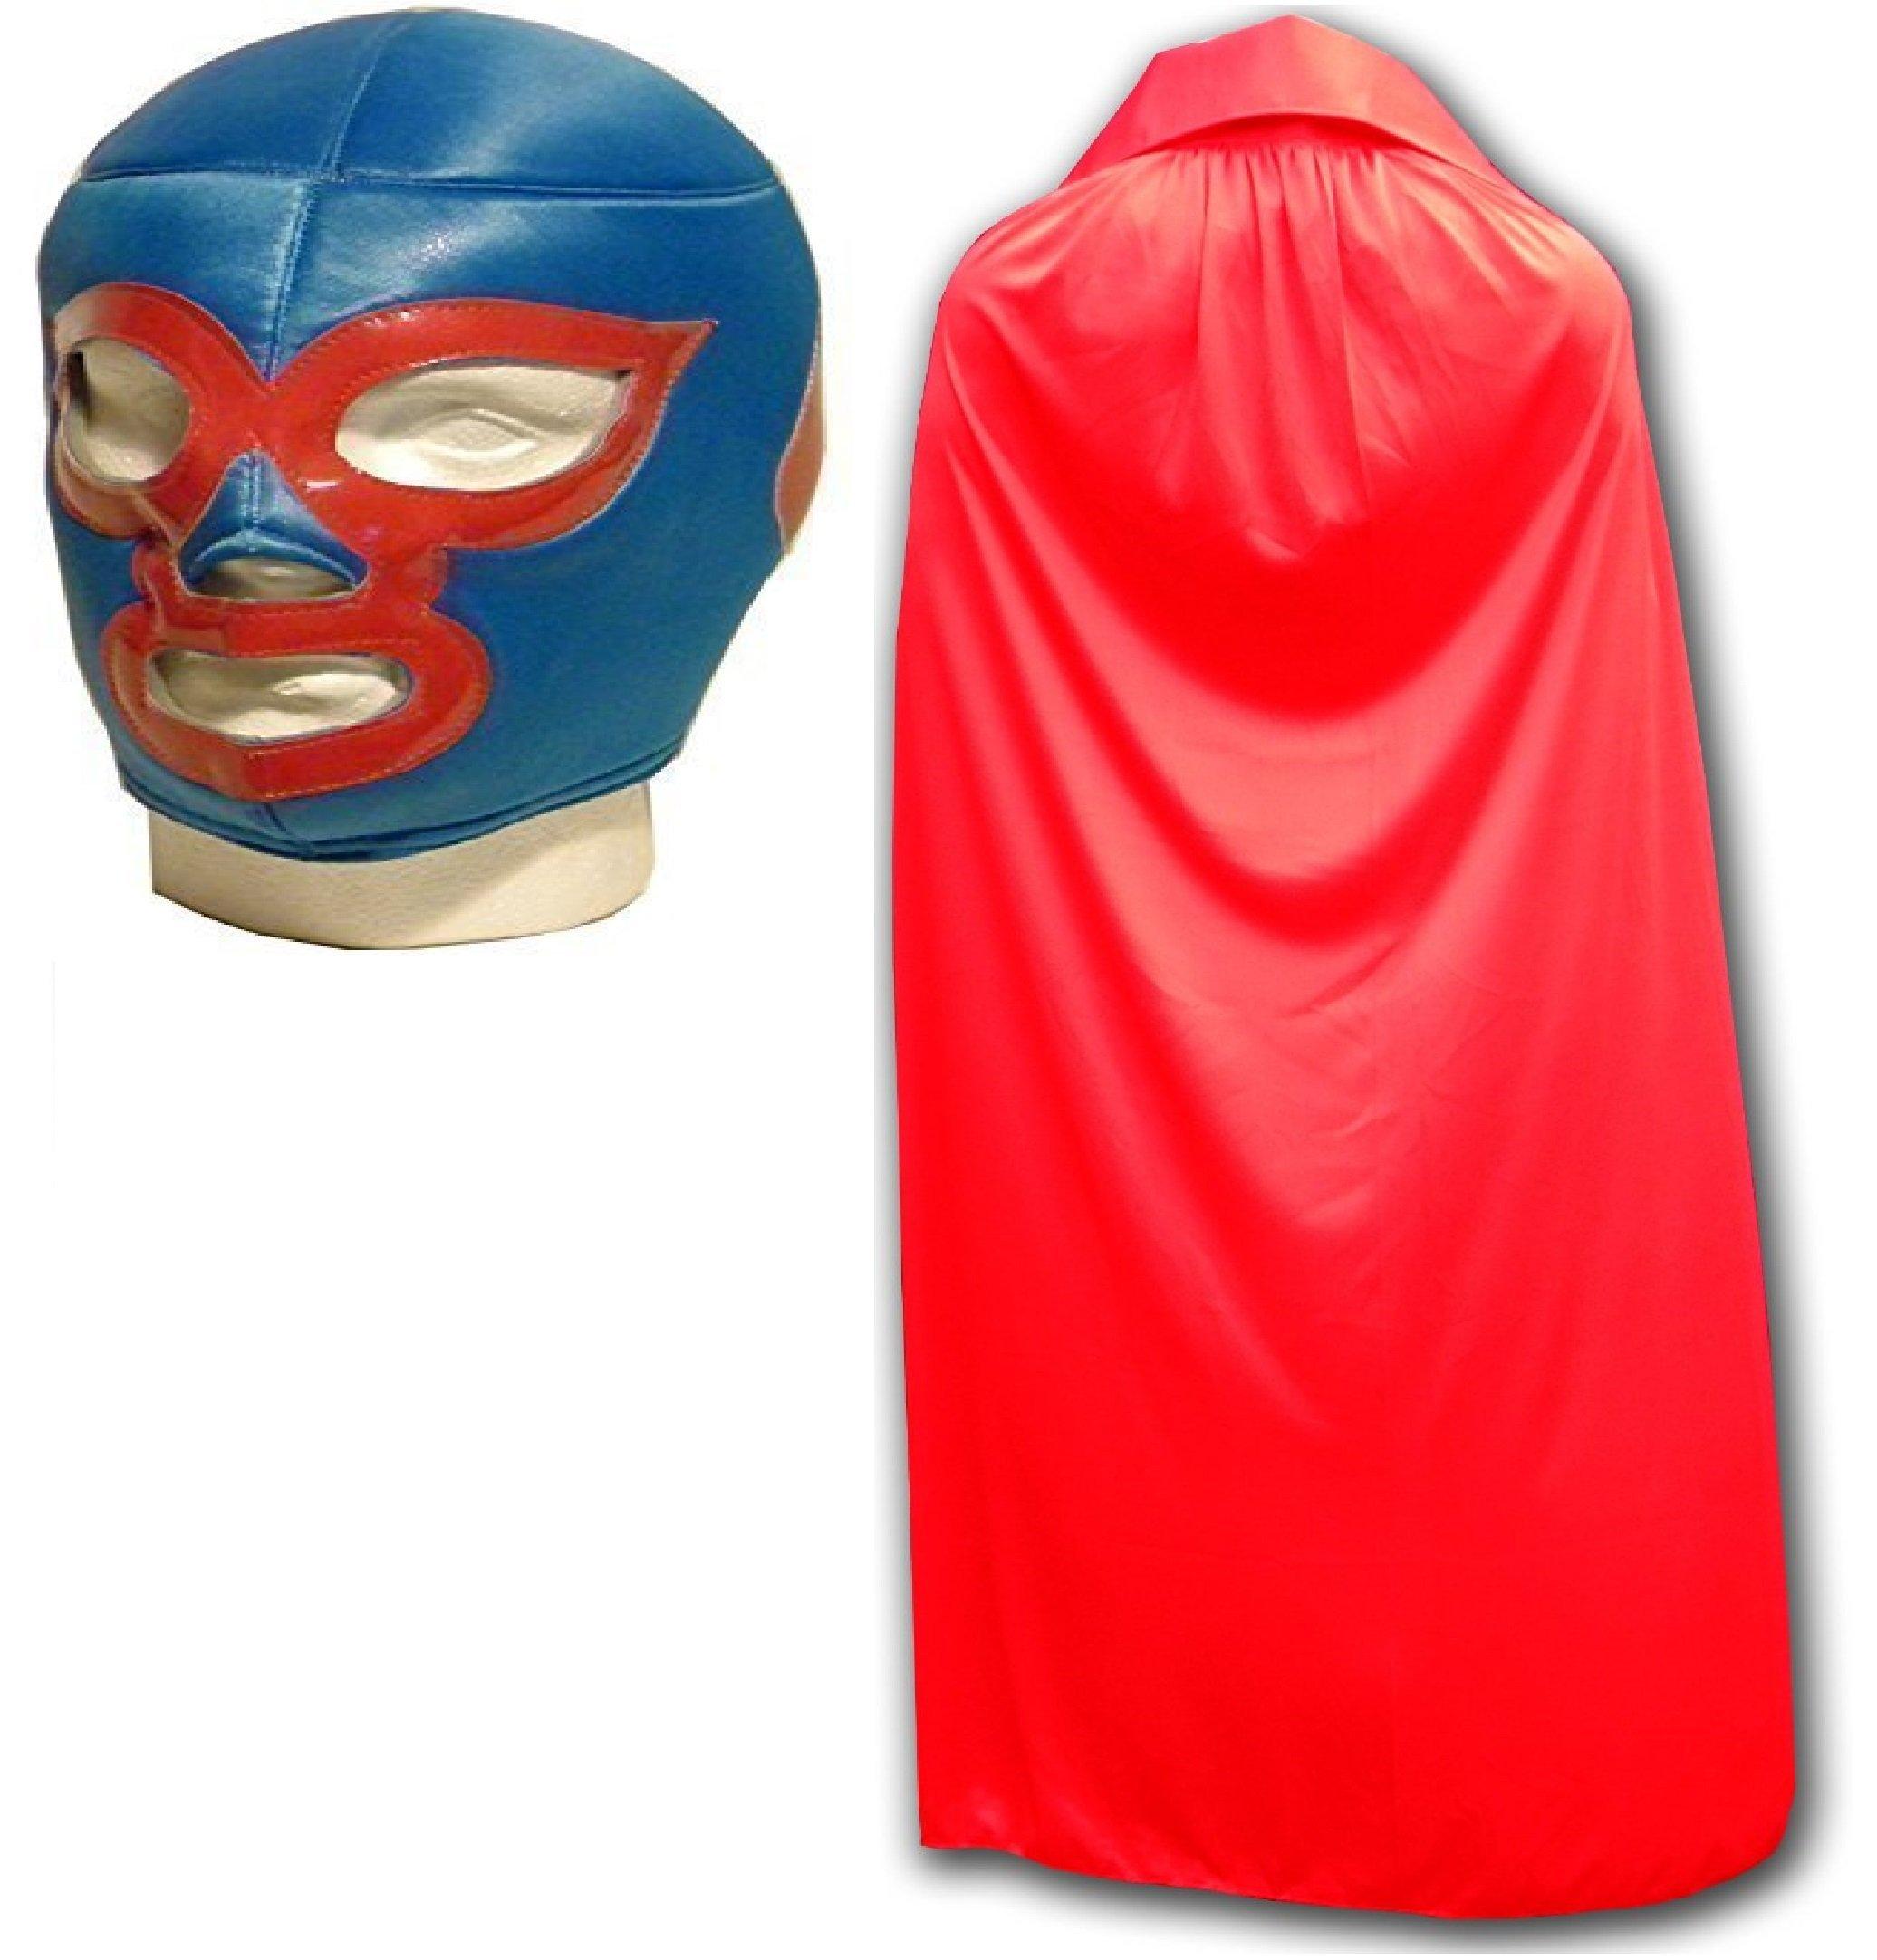 WRESTLING MASKS UK Men's Nacho Libre Luchador Wrestling Mask Cape One Size Red